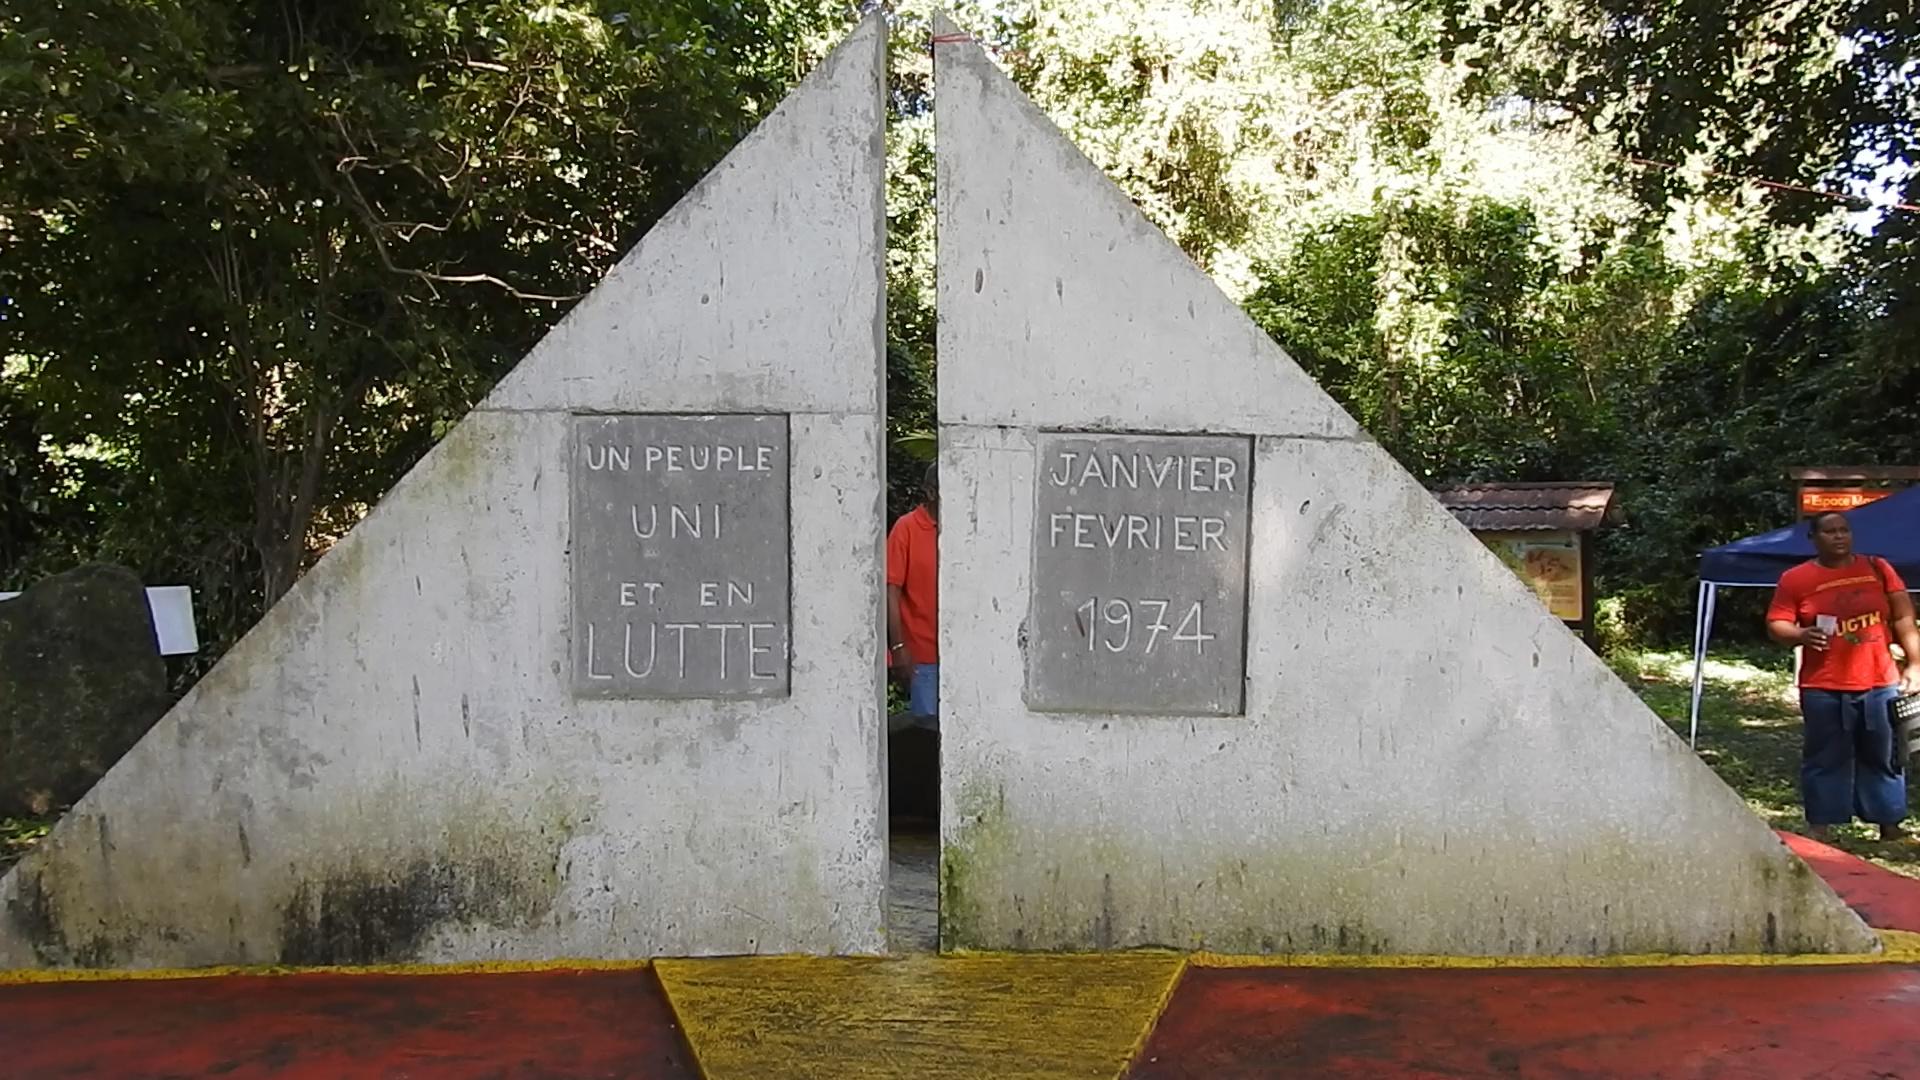 [Vidéo] Martinique. Commémoration à Basse Pointe en Hommage aux ouvriers morts en 1974